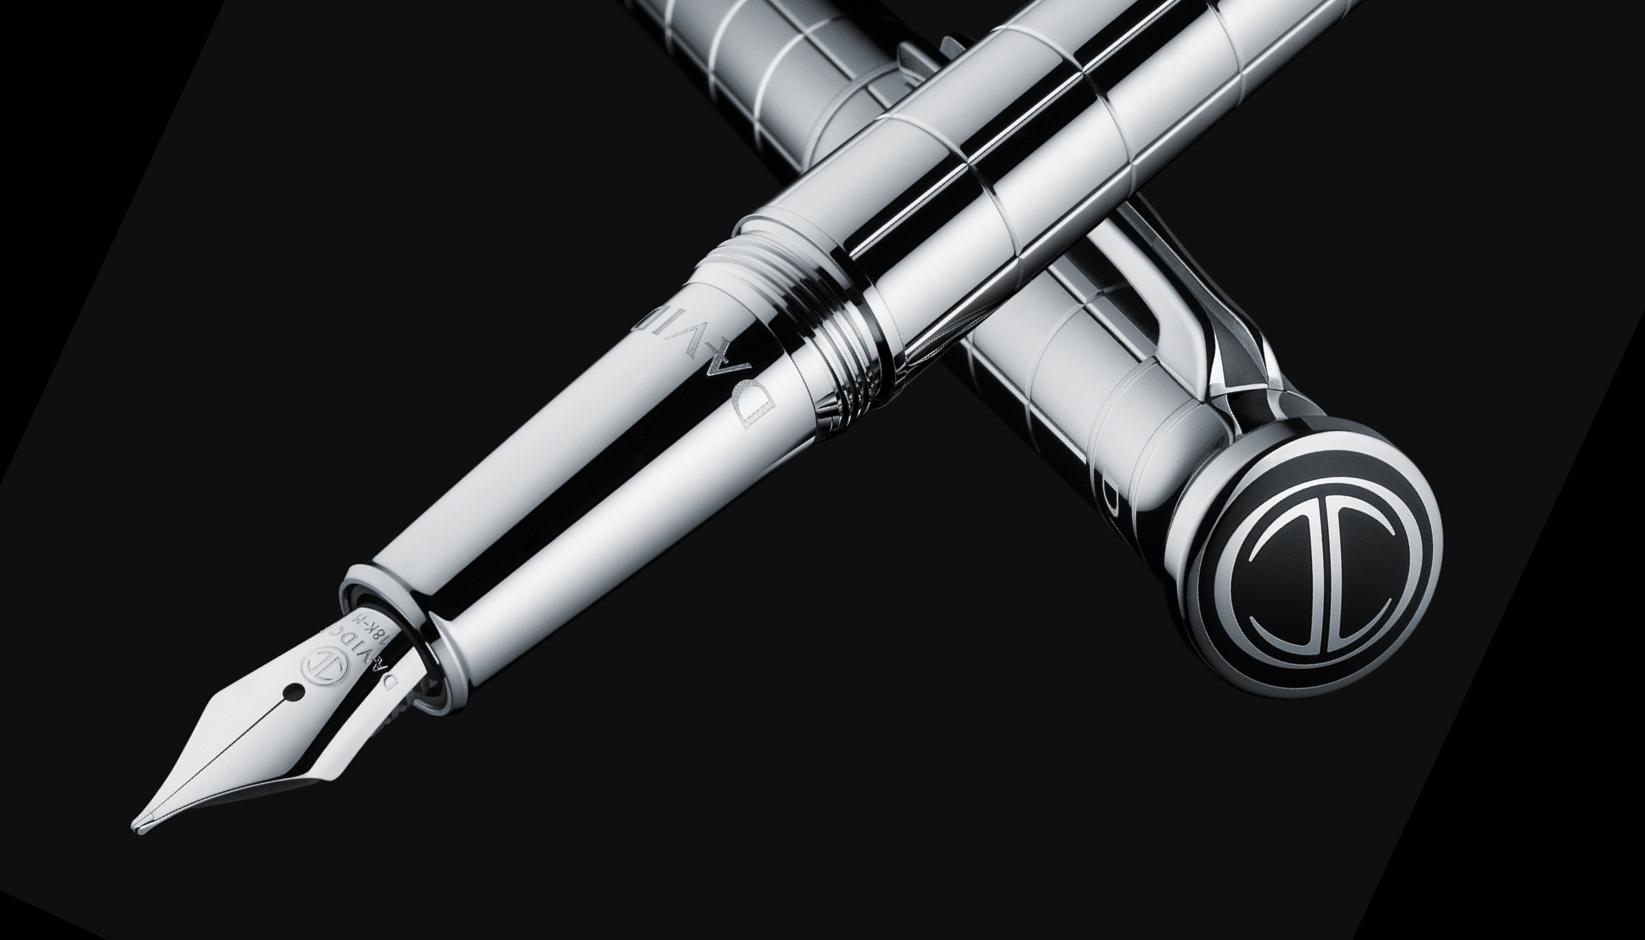 Davidoff pen